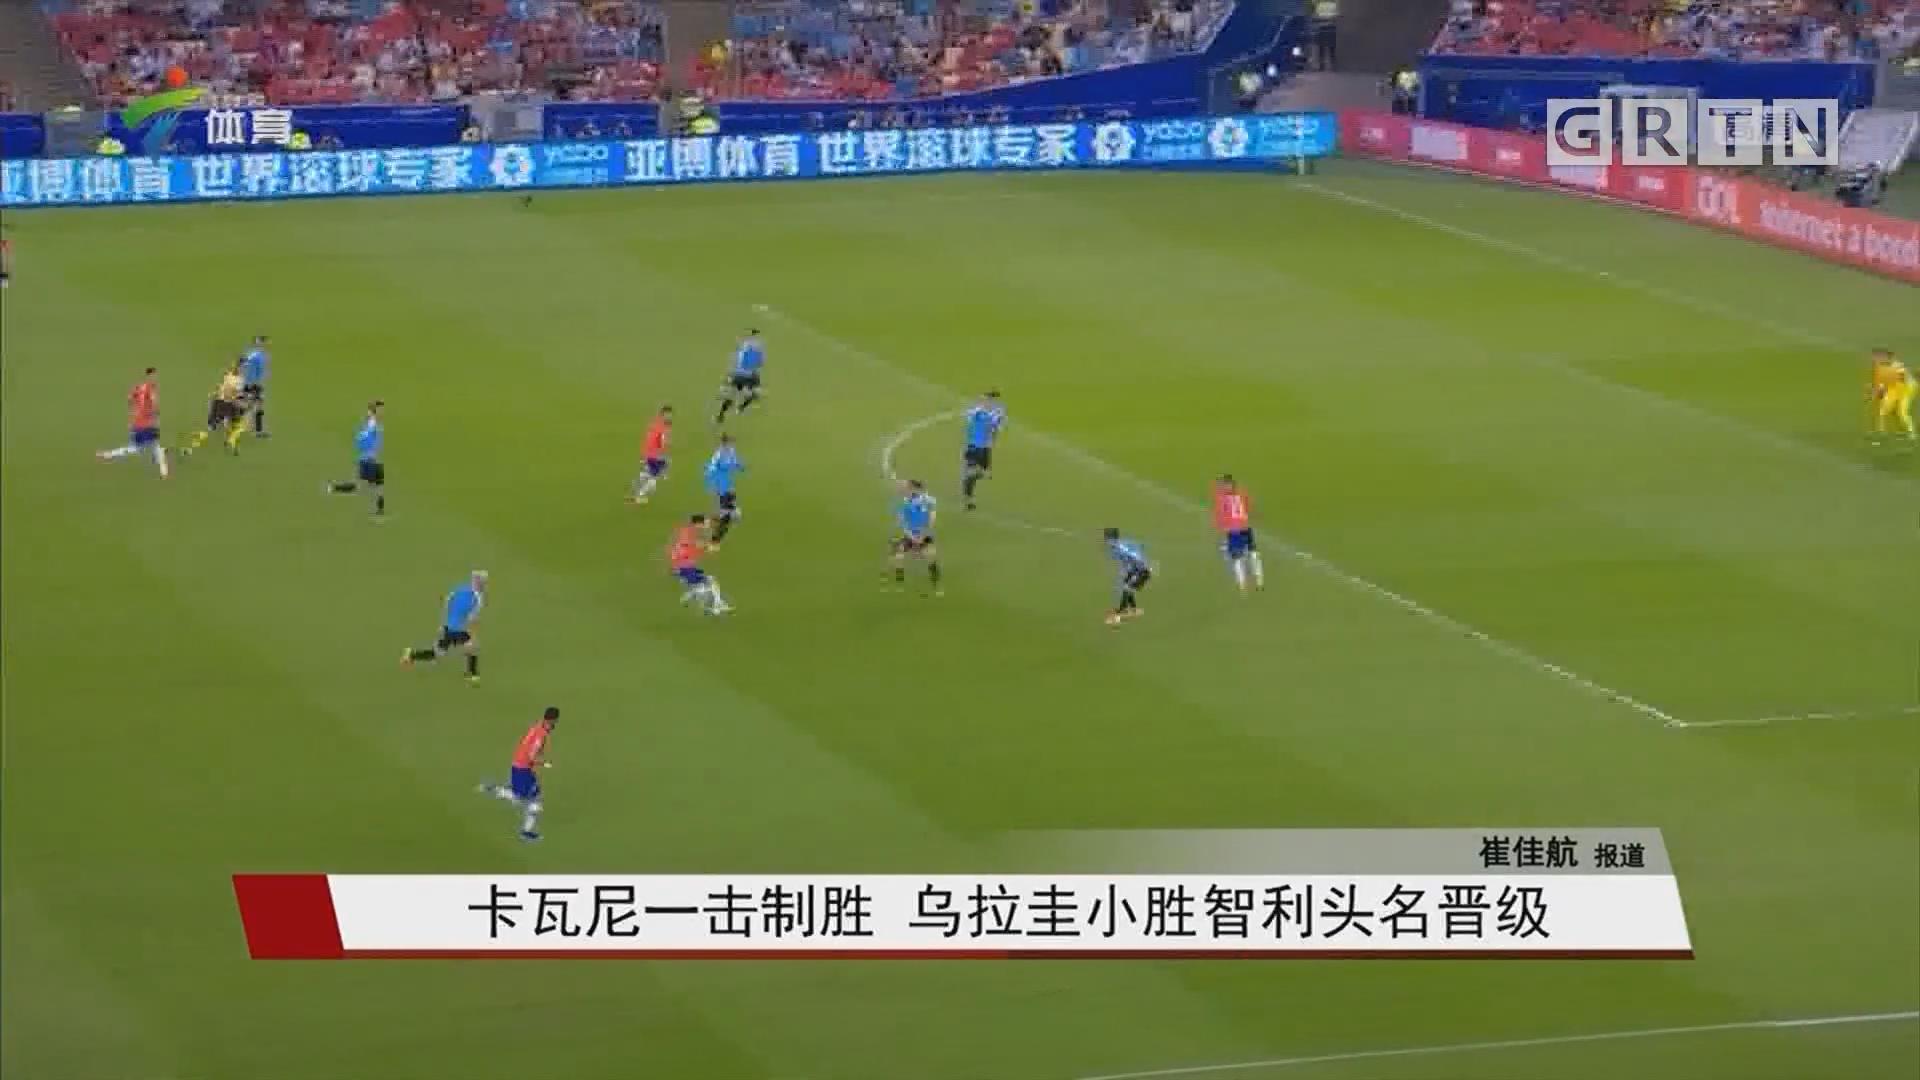 卡瓦尼一击制胜 乌拉圭小胜智利头名晋级